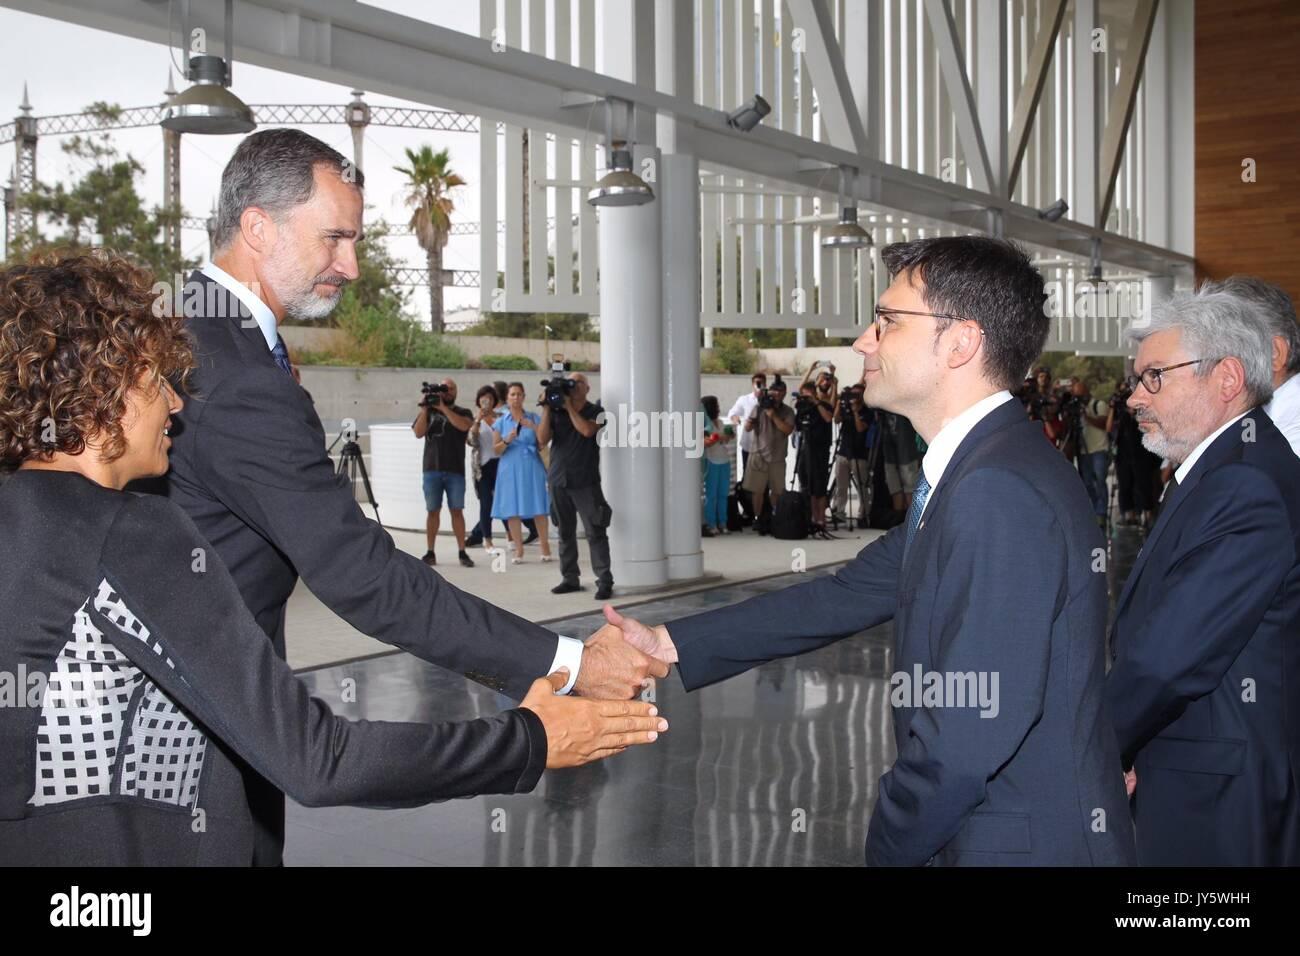 Barcelone, Espagne. Août 19, 2017. Les rois espagnols Felipe VI la visite médicale du personnel en cas d'urgence, Banque D'Images